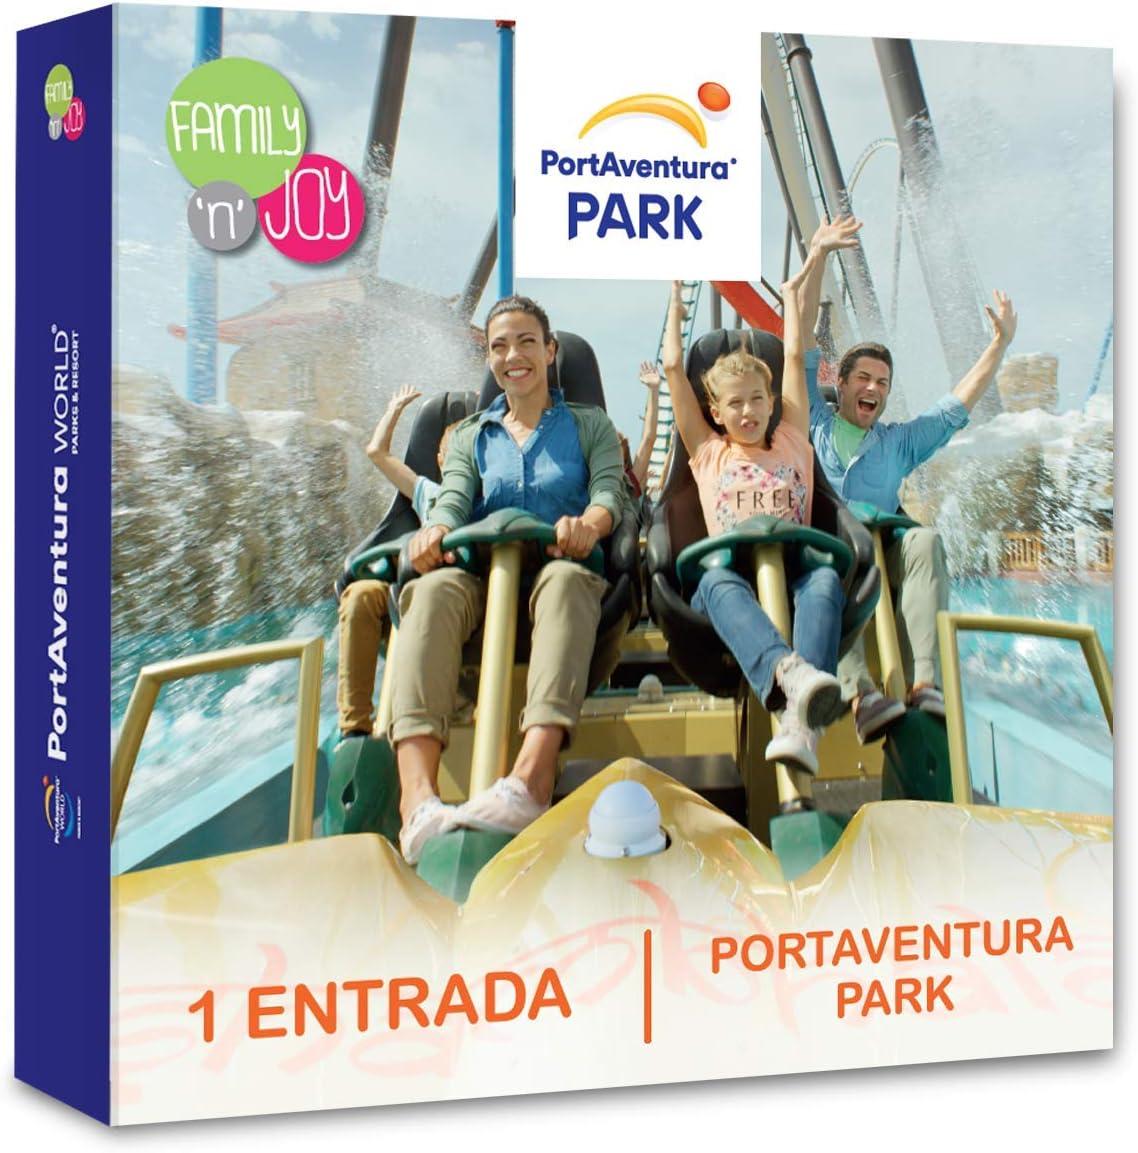 family n joy port aventura